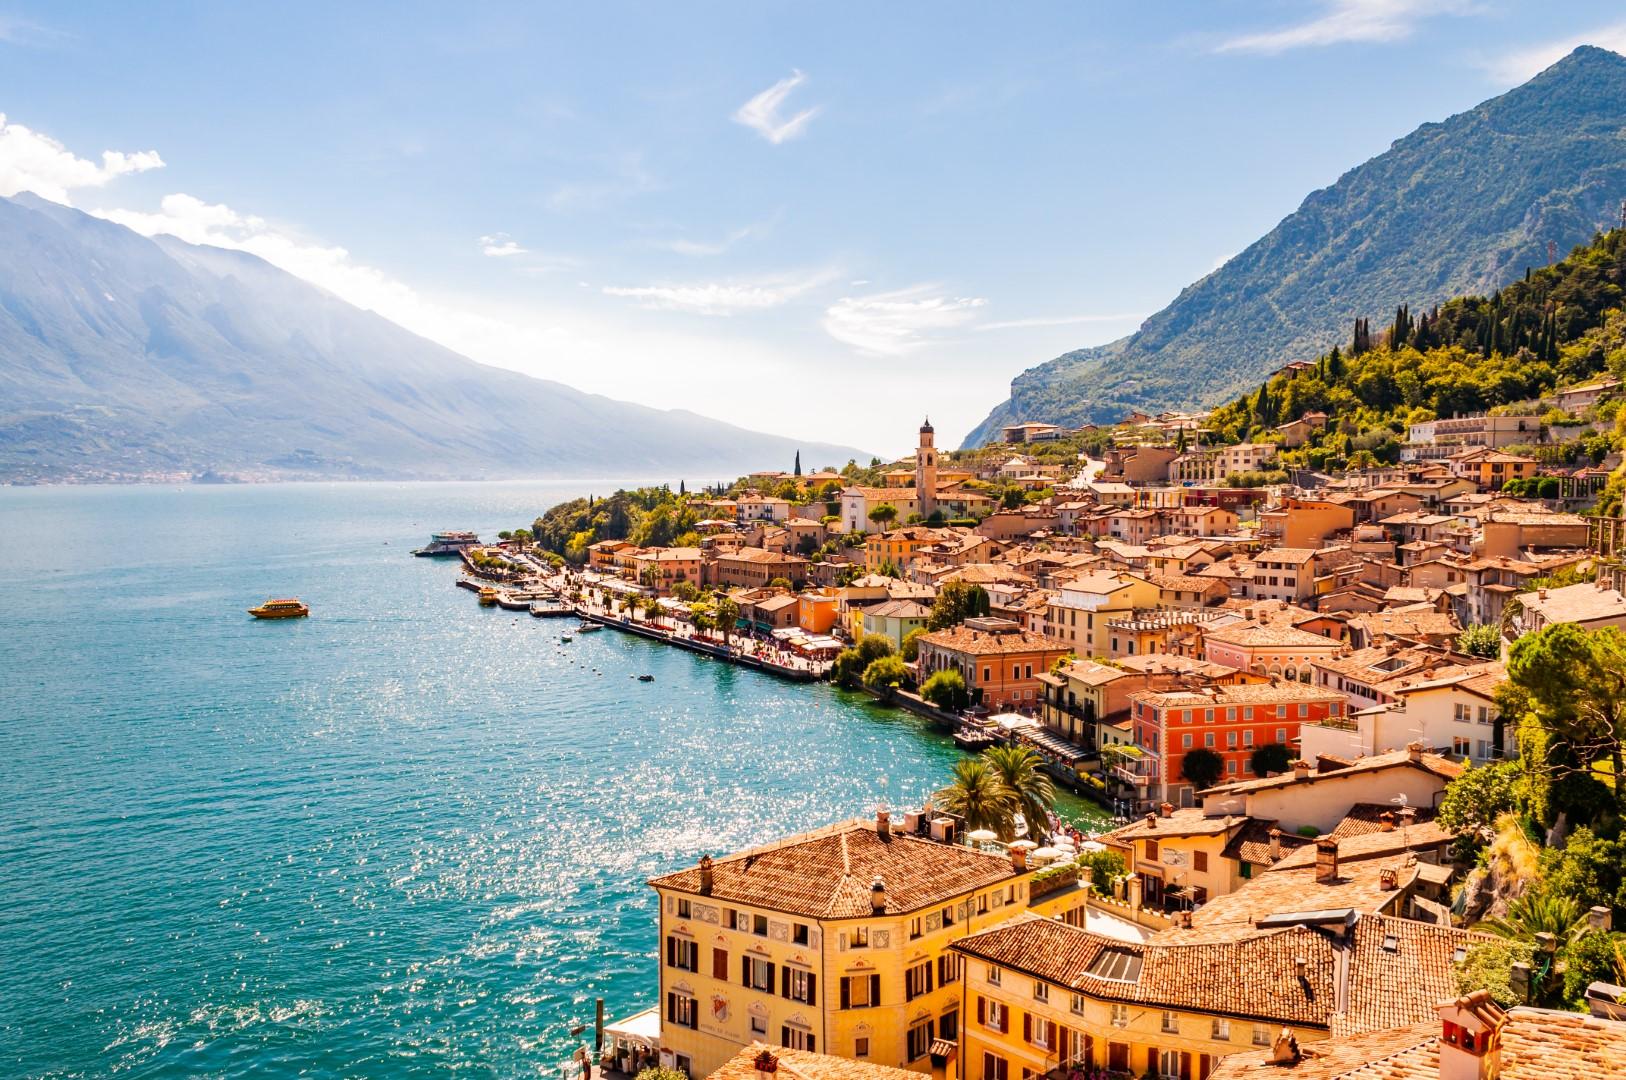 Jezera a podhůří italských Alp